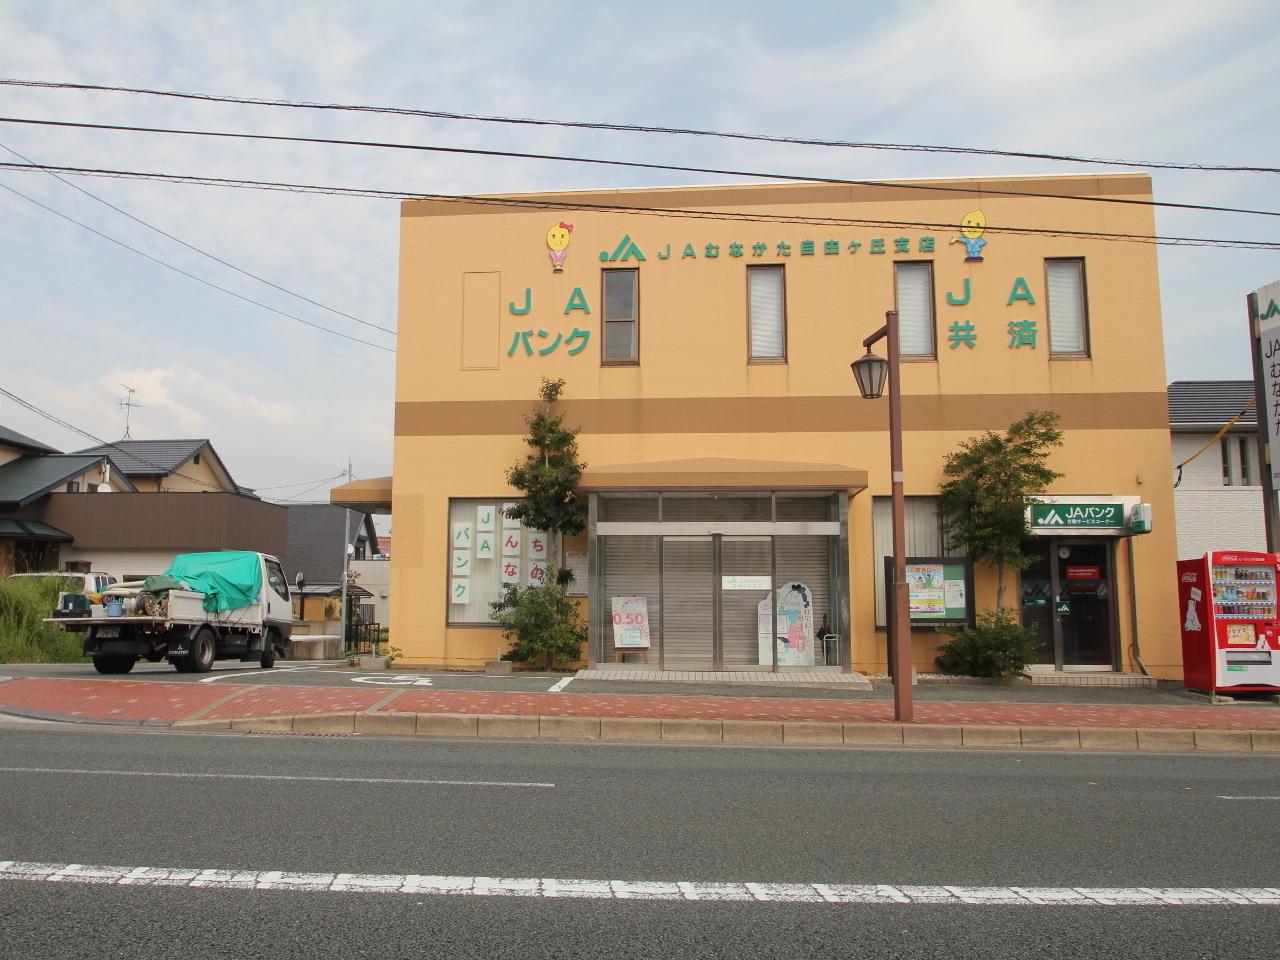 【銀行】JA宗像自由ヶ丘支店